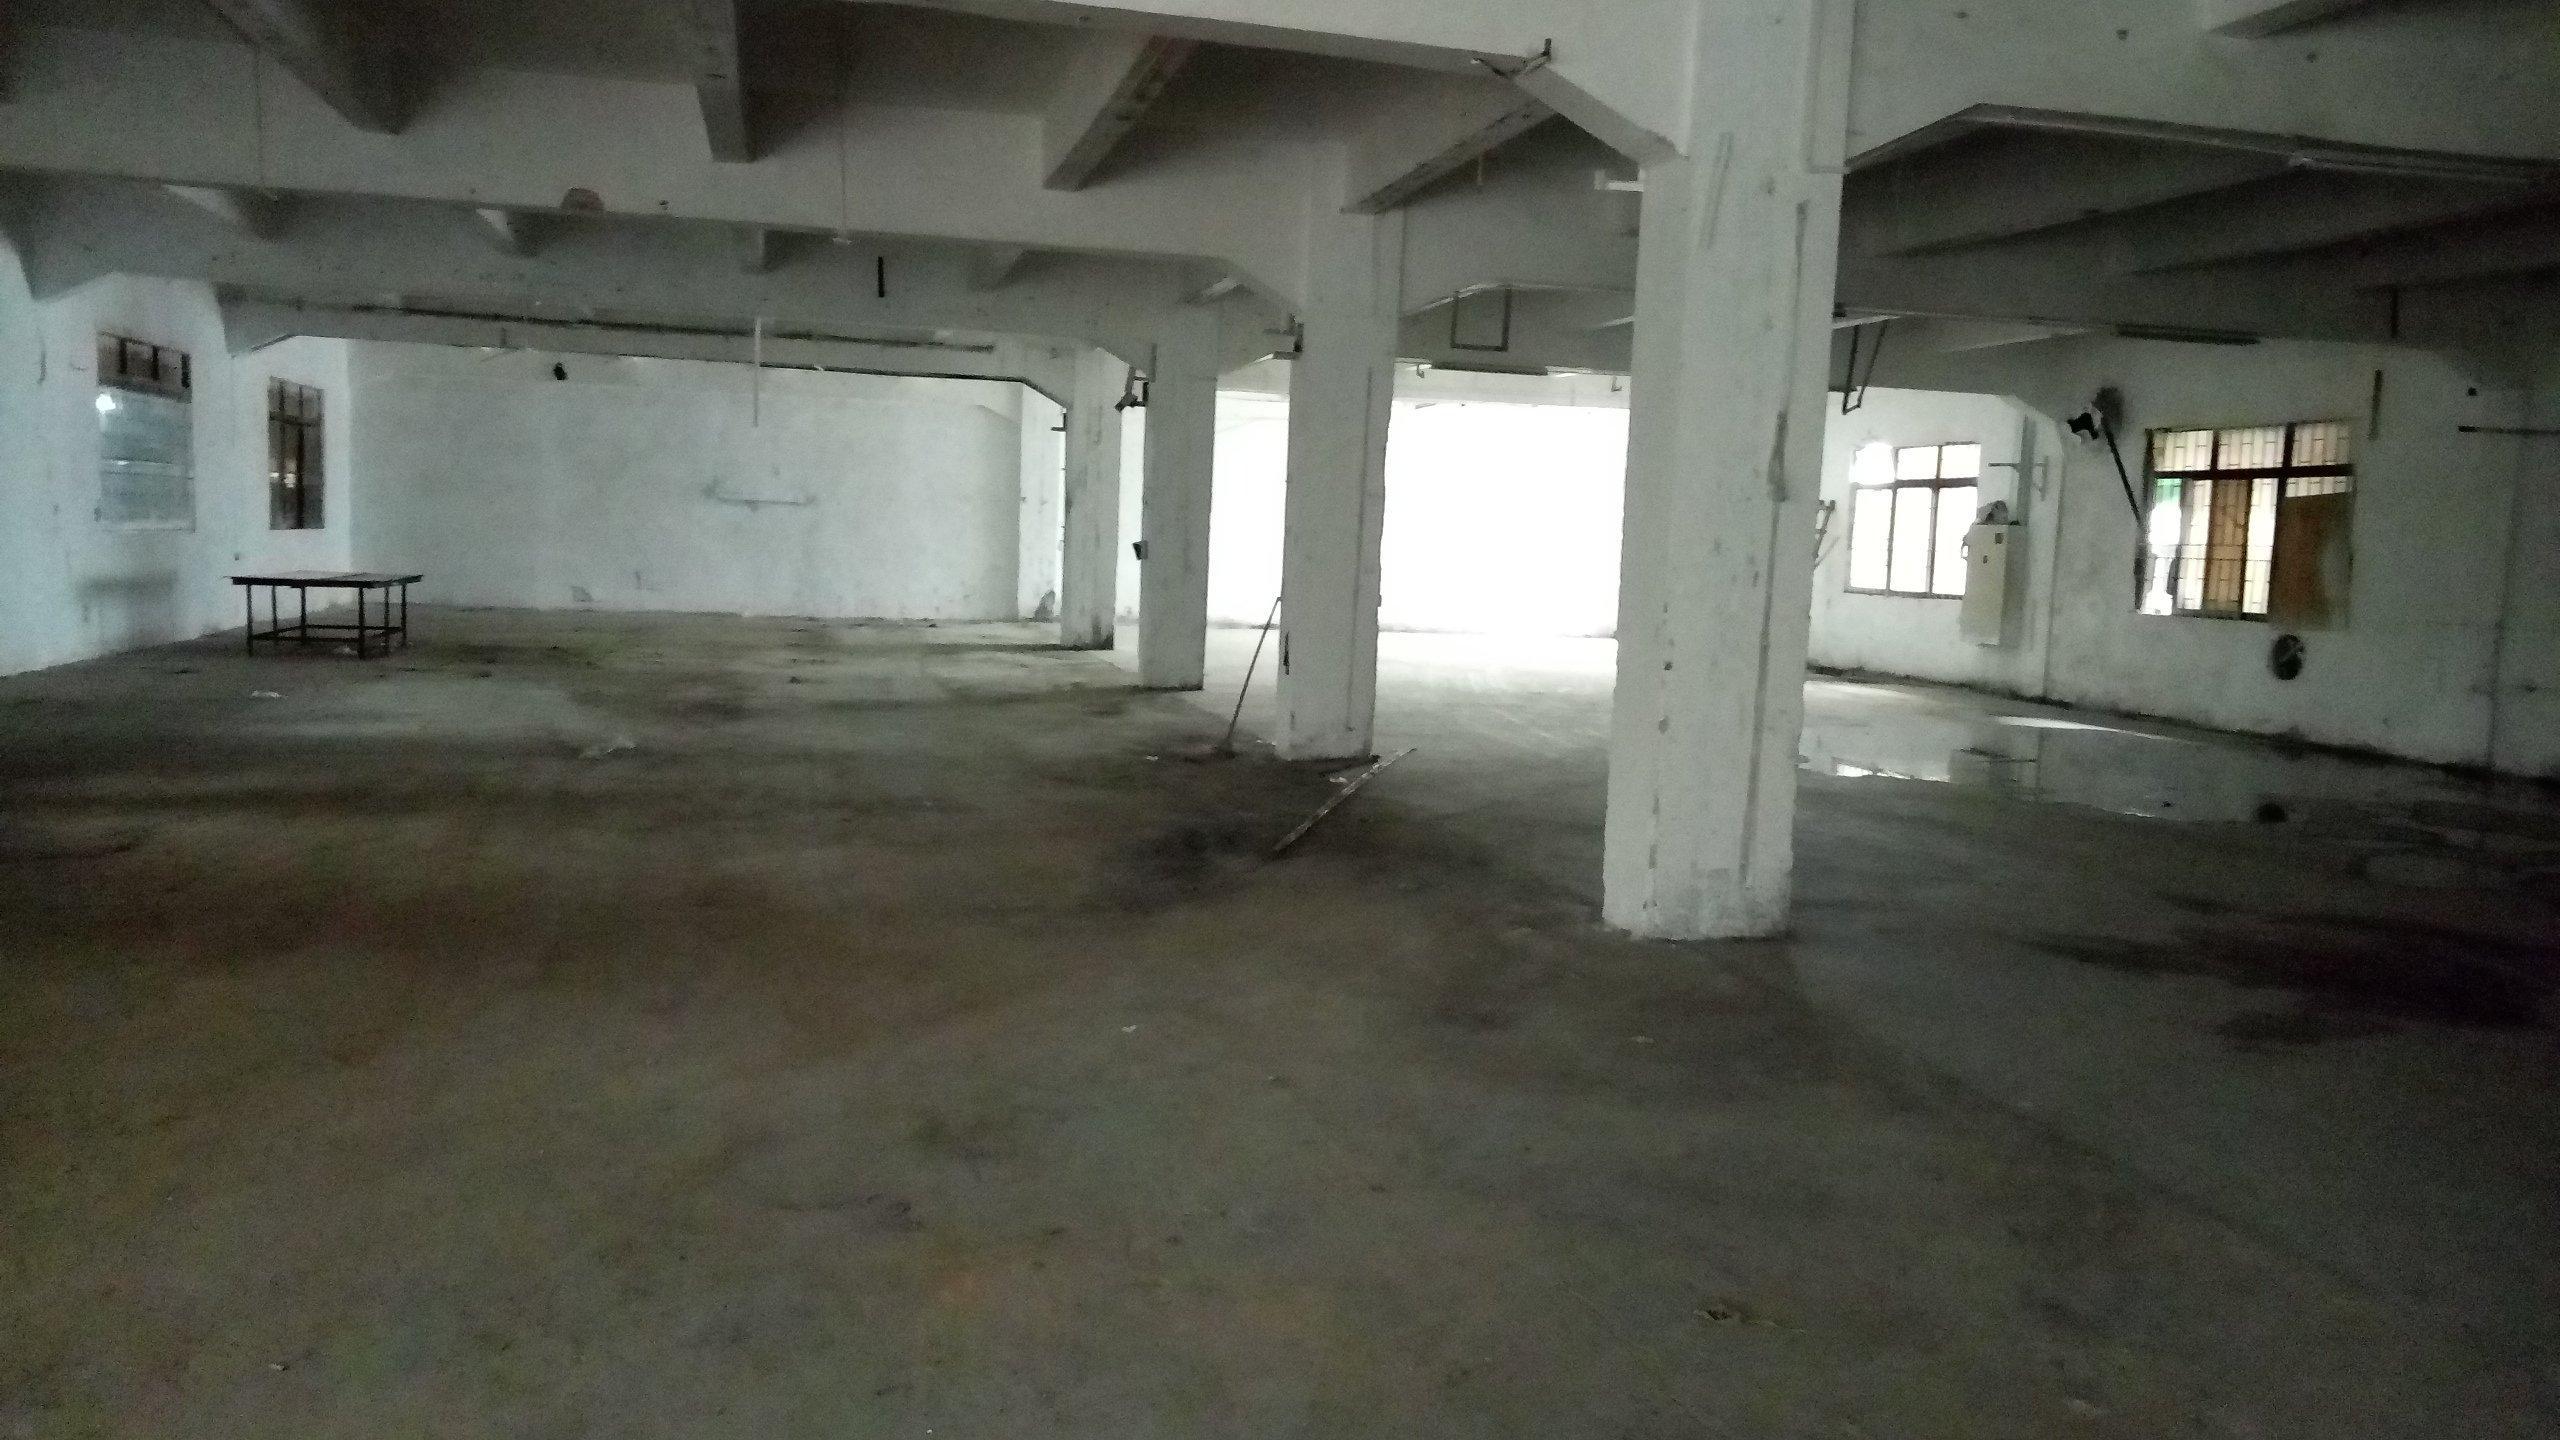 厚街工业园500平方一楼厂房仓库出租管理规范安全空地大好招工